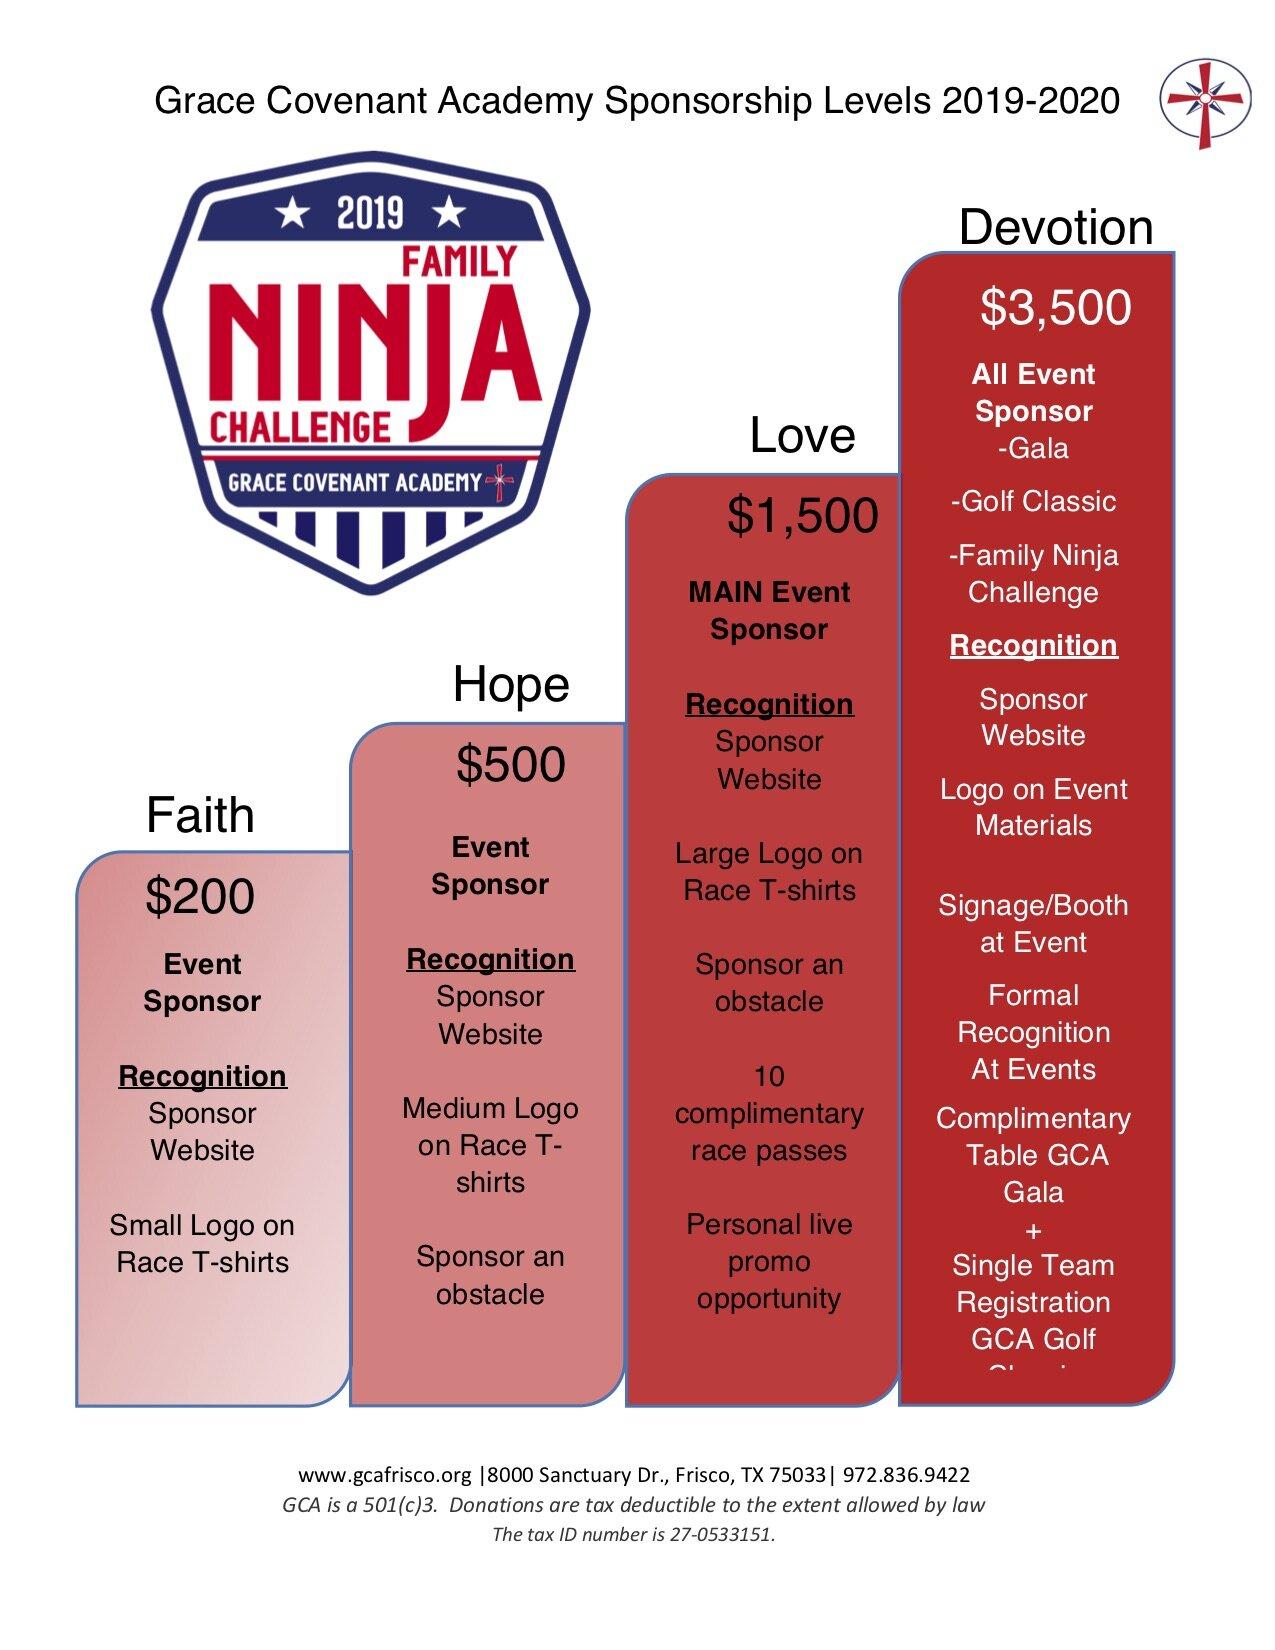 Family Ninja Challenge Sponsorship Levels.jpg